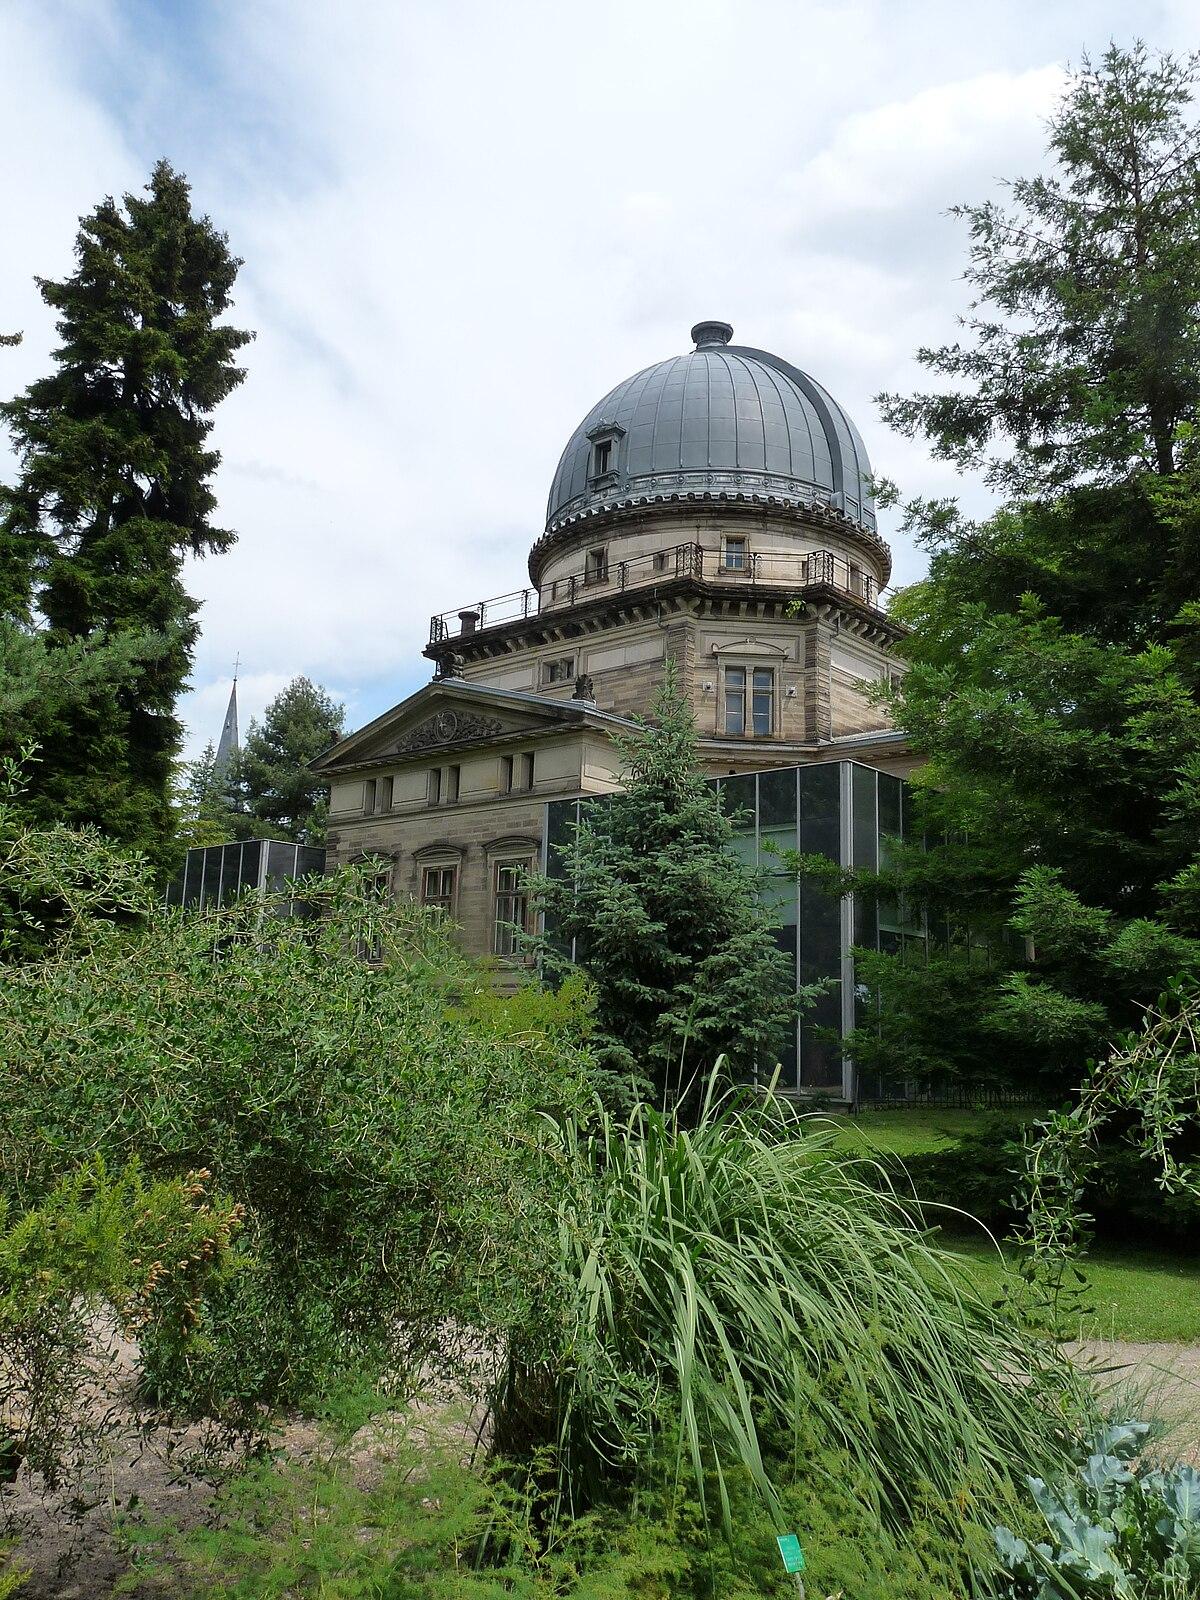 Jardin botanique de l 39 universit de strasbourg wikip dia - Jardin botanique de strasbourg ...